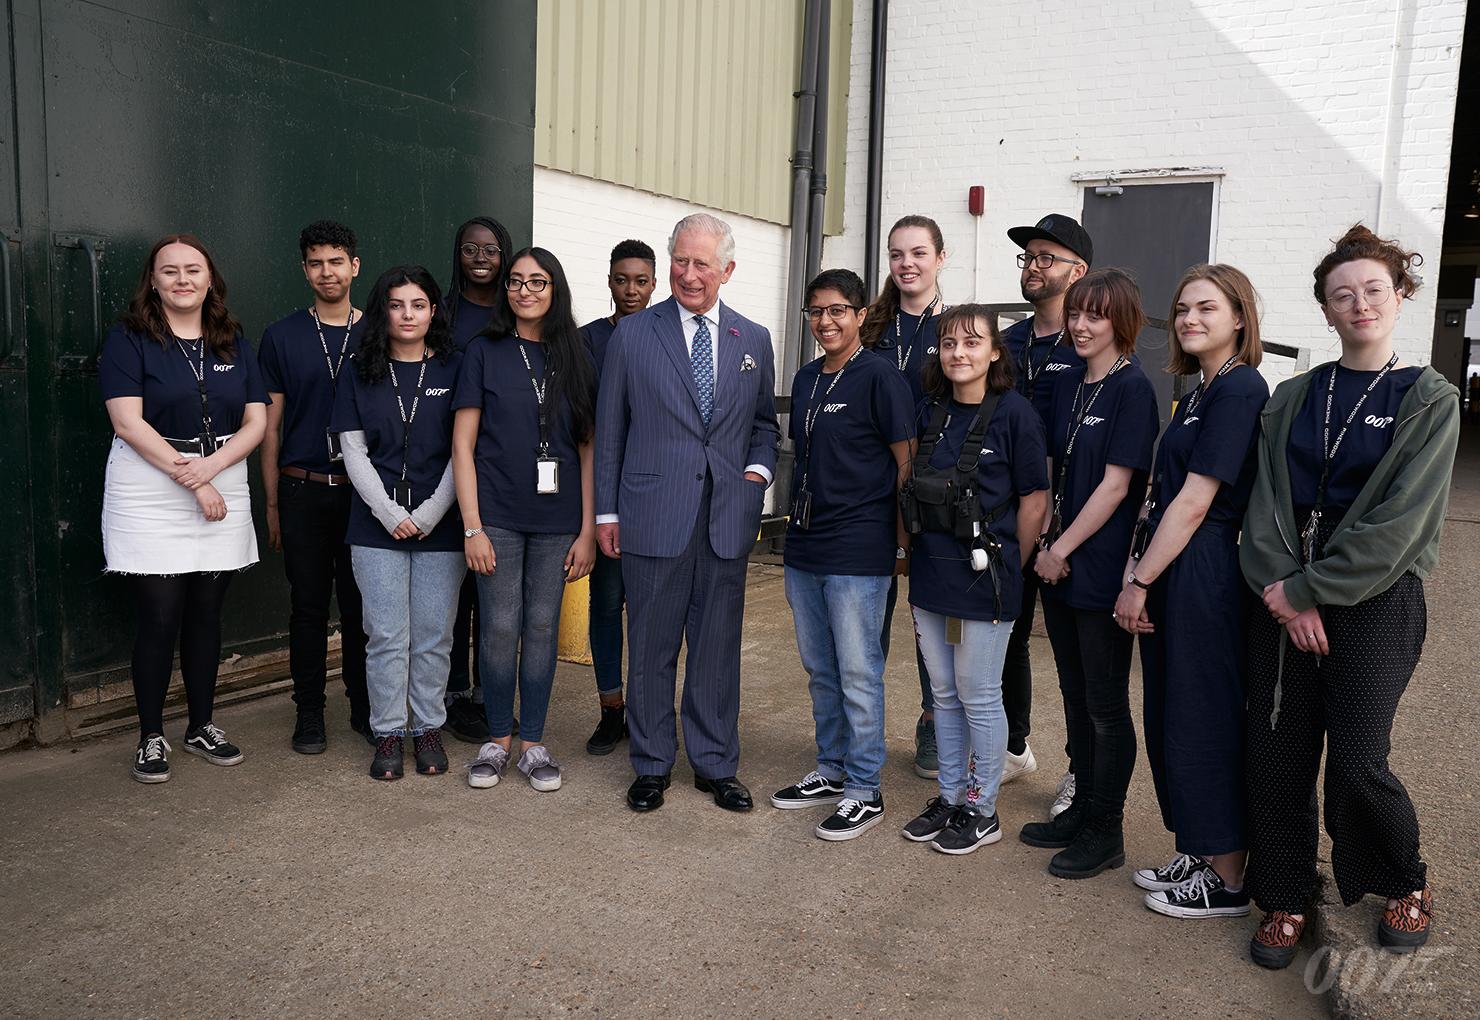 Prinz Charles inmitten der jungen Trainees von den Londoner Filmschulen, die bei der Produktion mitwirken dürfen (c) 007.com